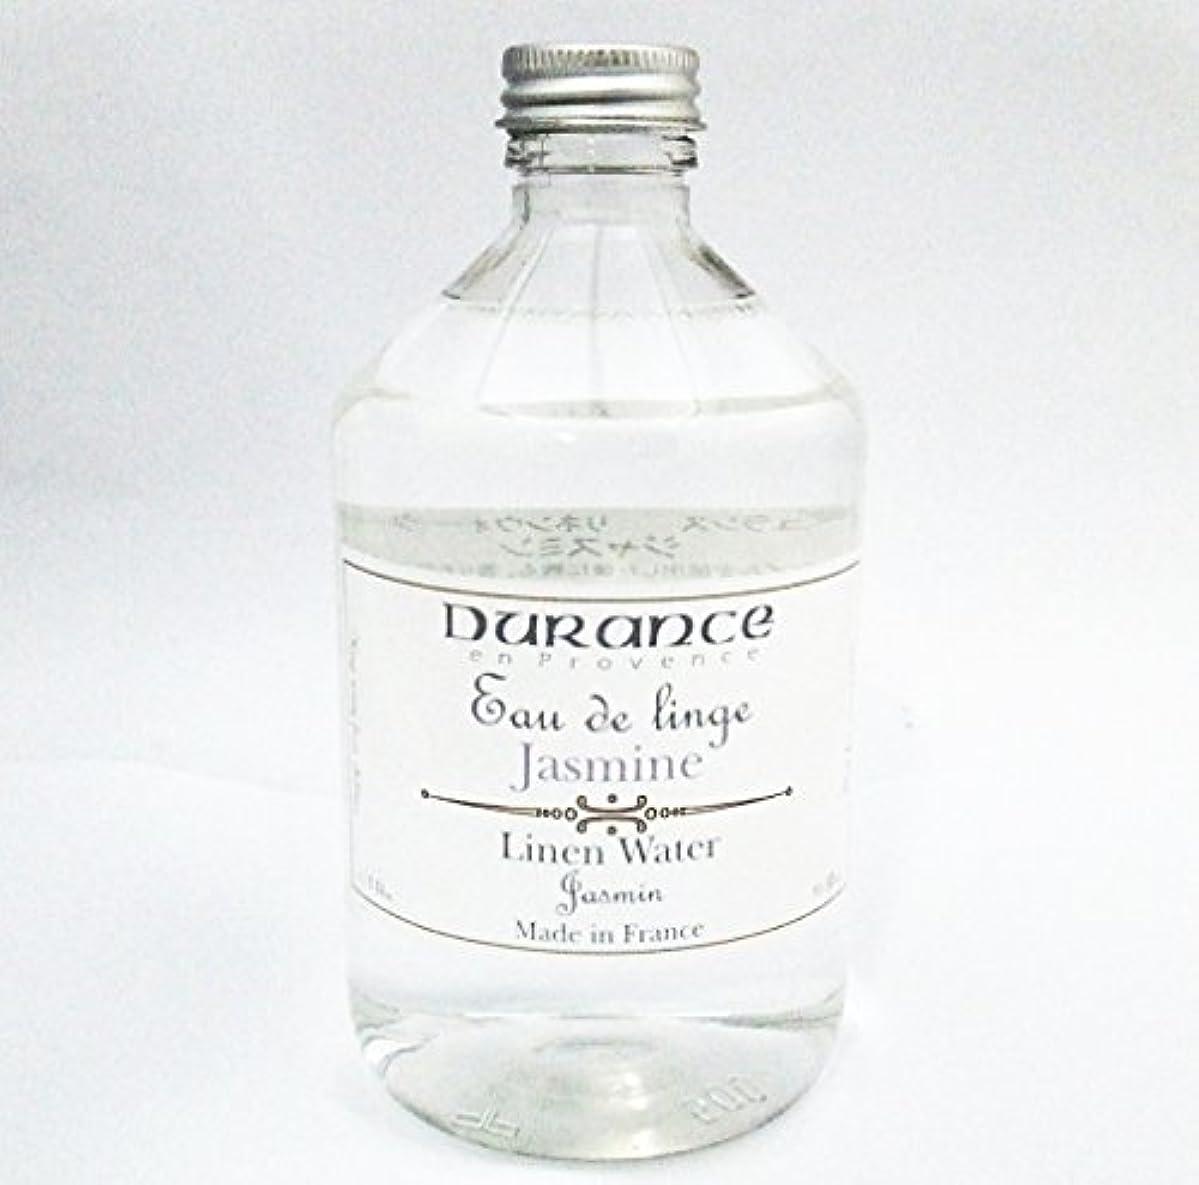 セッションベジタリアン贈り物DURANCE(デュランス) リネンケアシリーズ リネンウォーター 500ml 「ジャスミン」 4994228006738